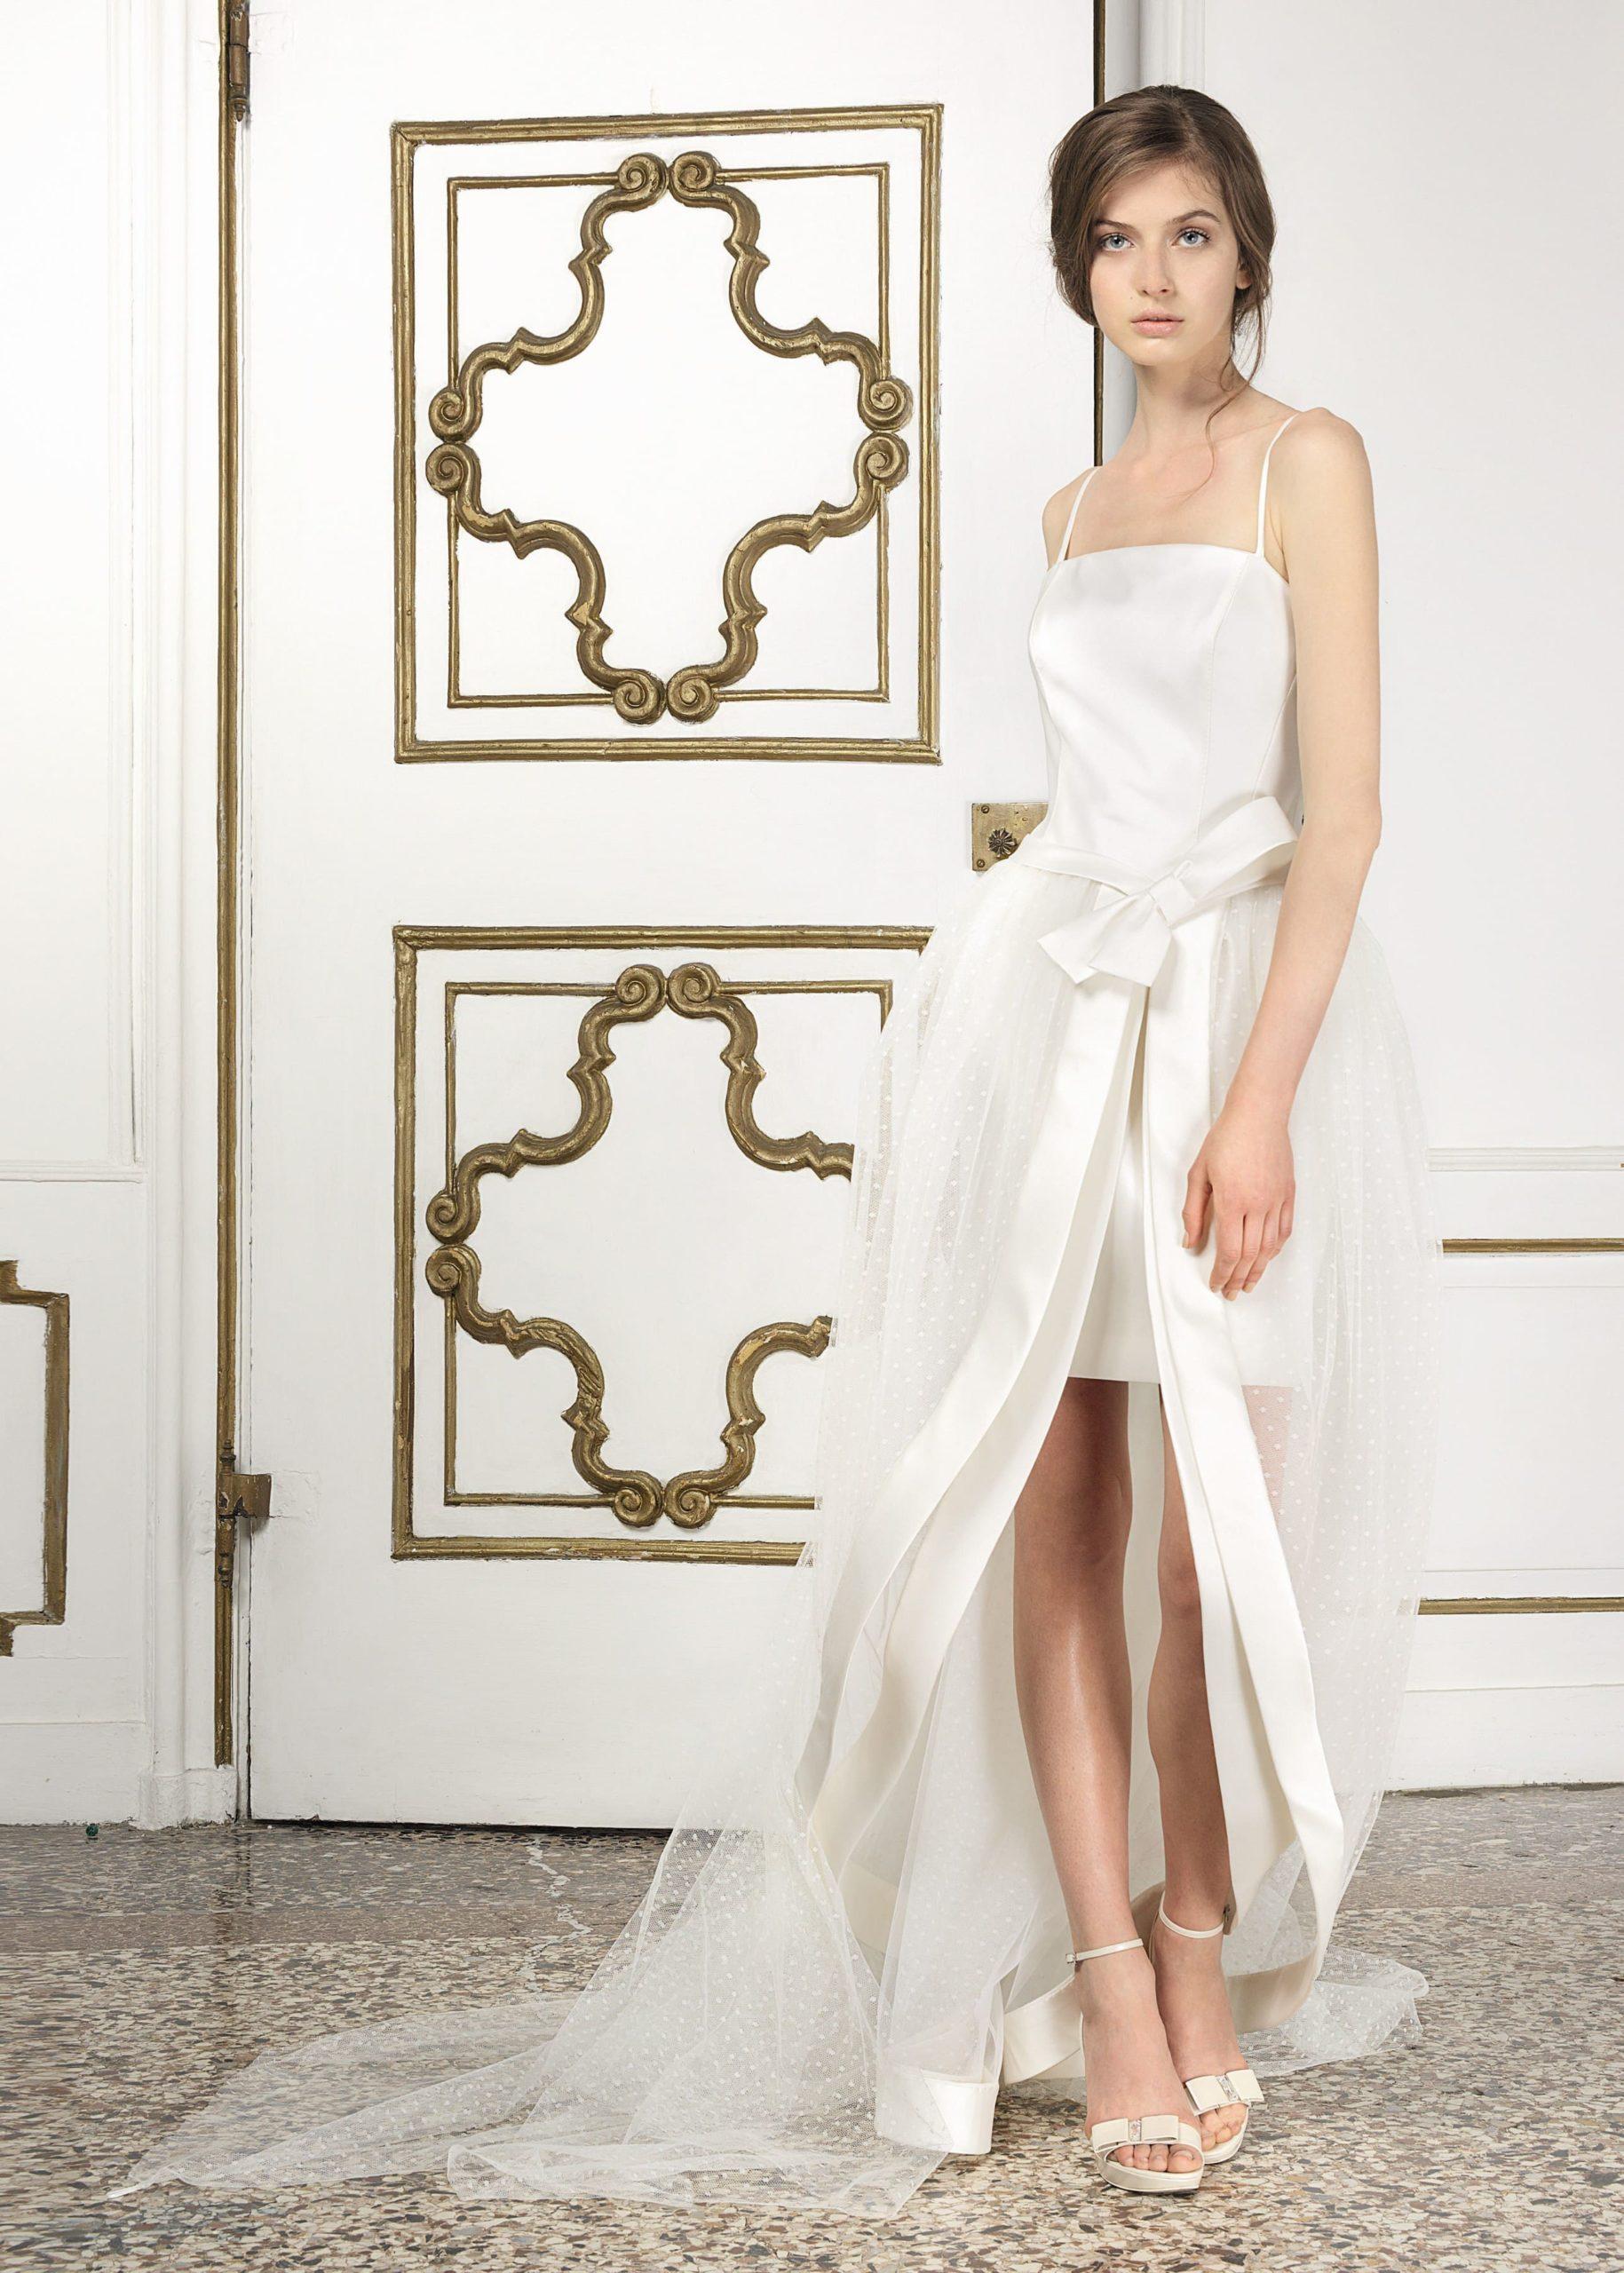 Abiti Da Sposa In Comune.Courthouse Wedding Dresses Marialuisa Benetti Bridal Venice Italy